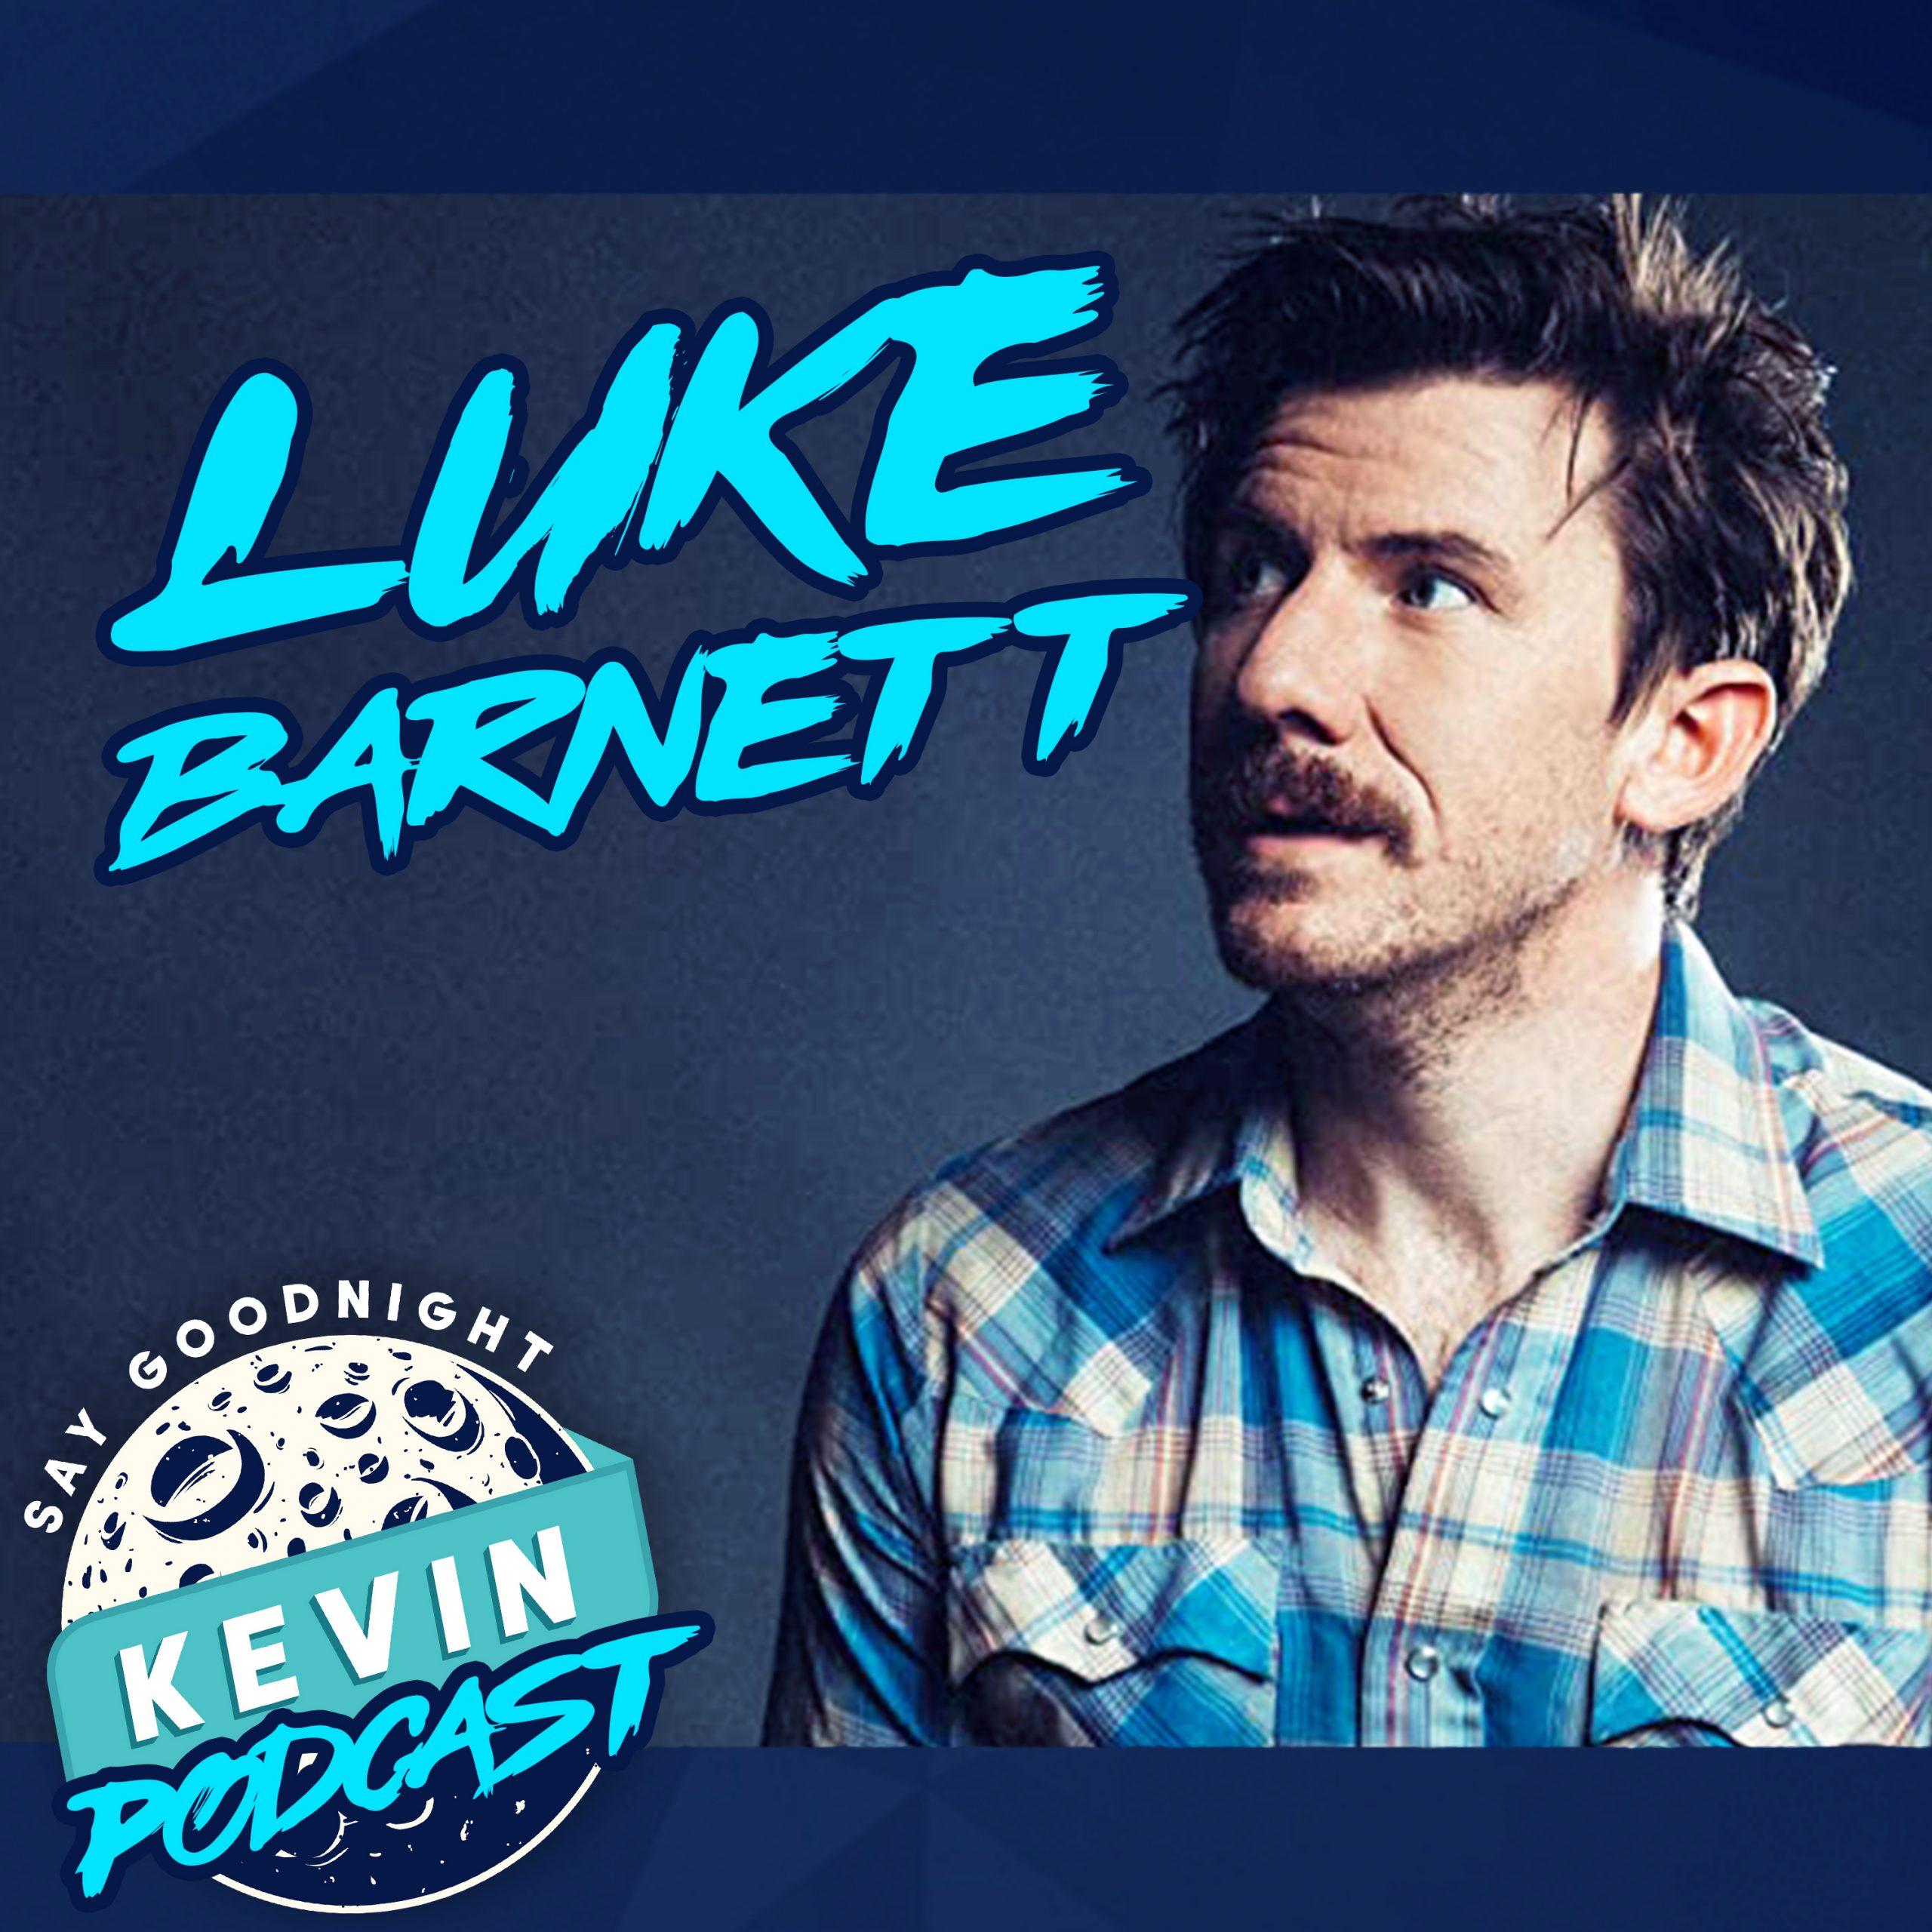 Luke Barnett: Faith Based Star